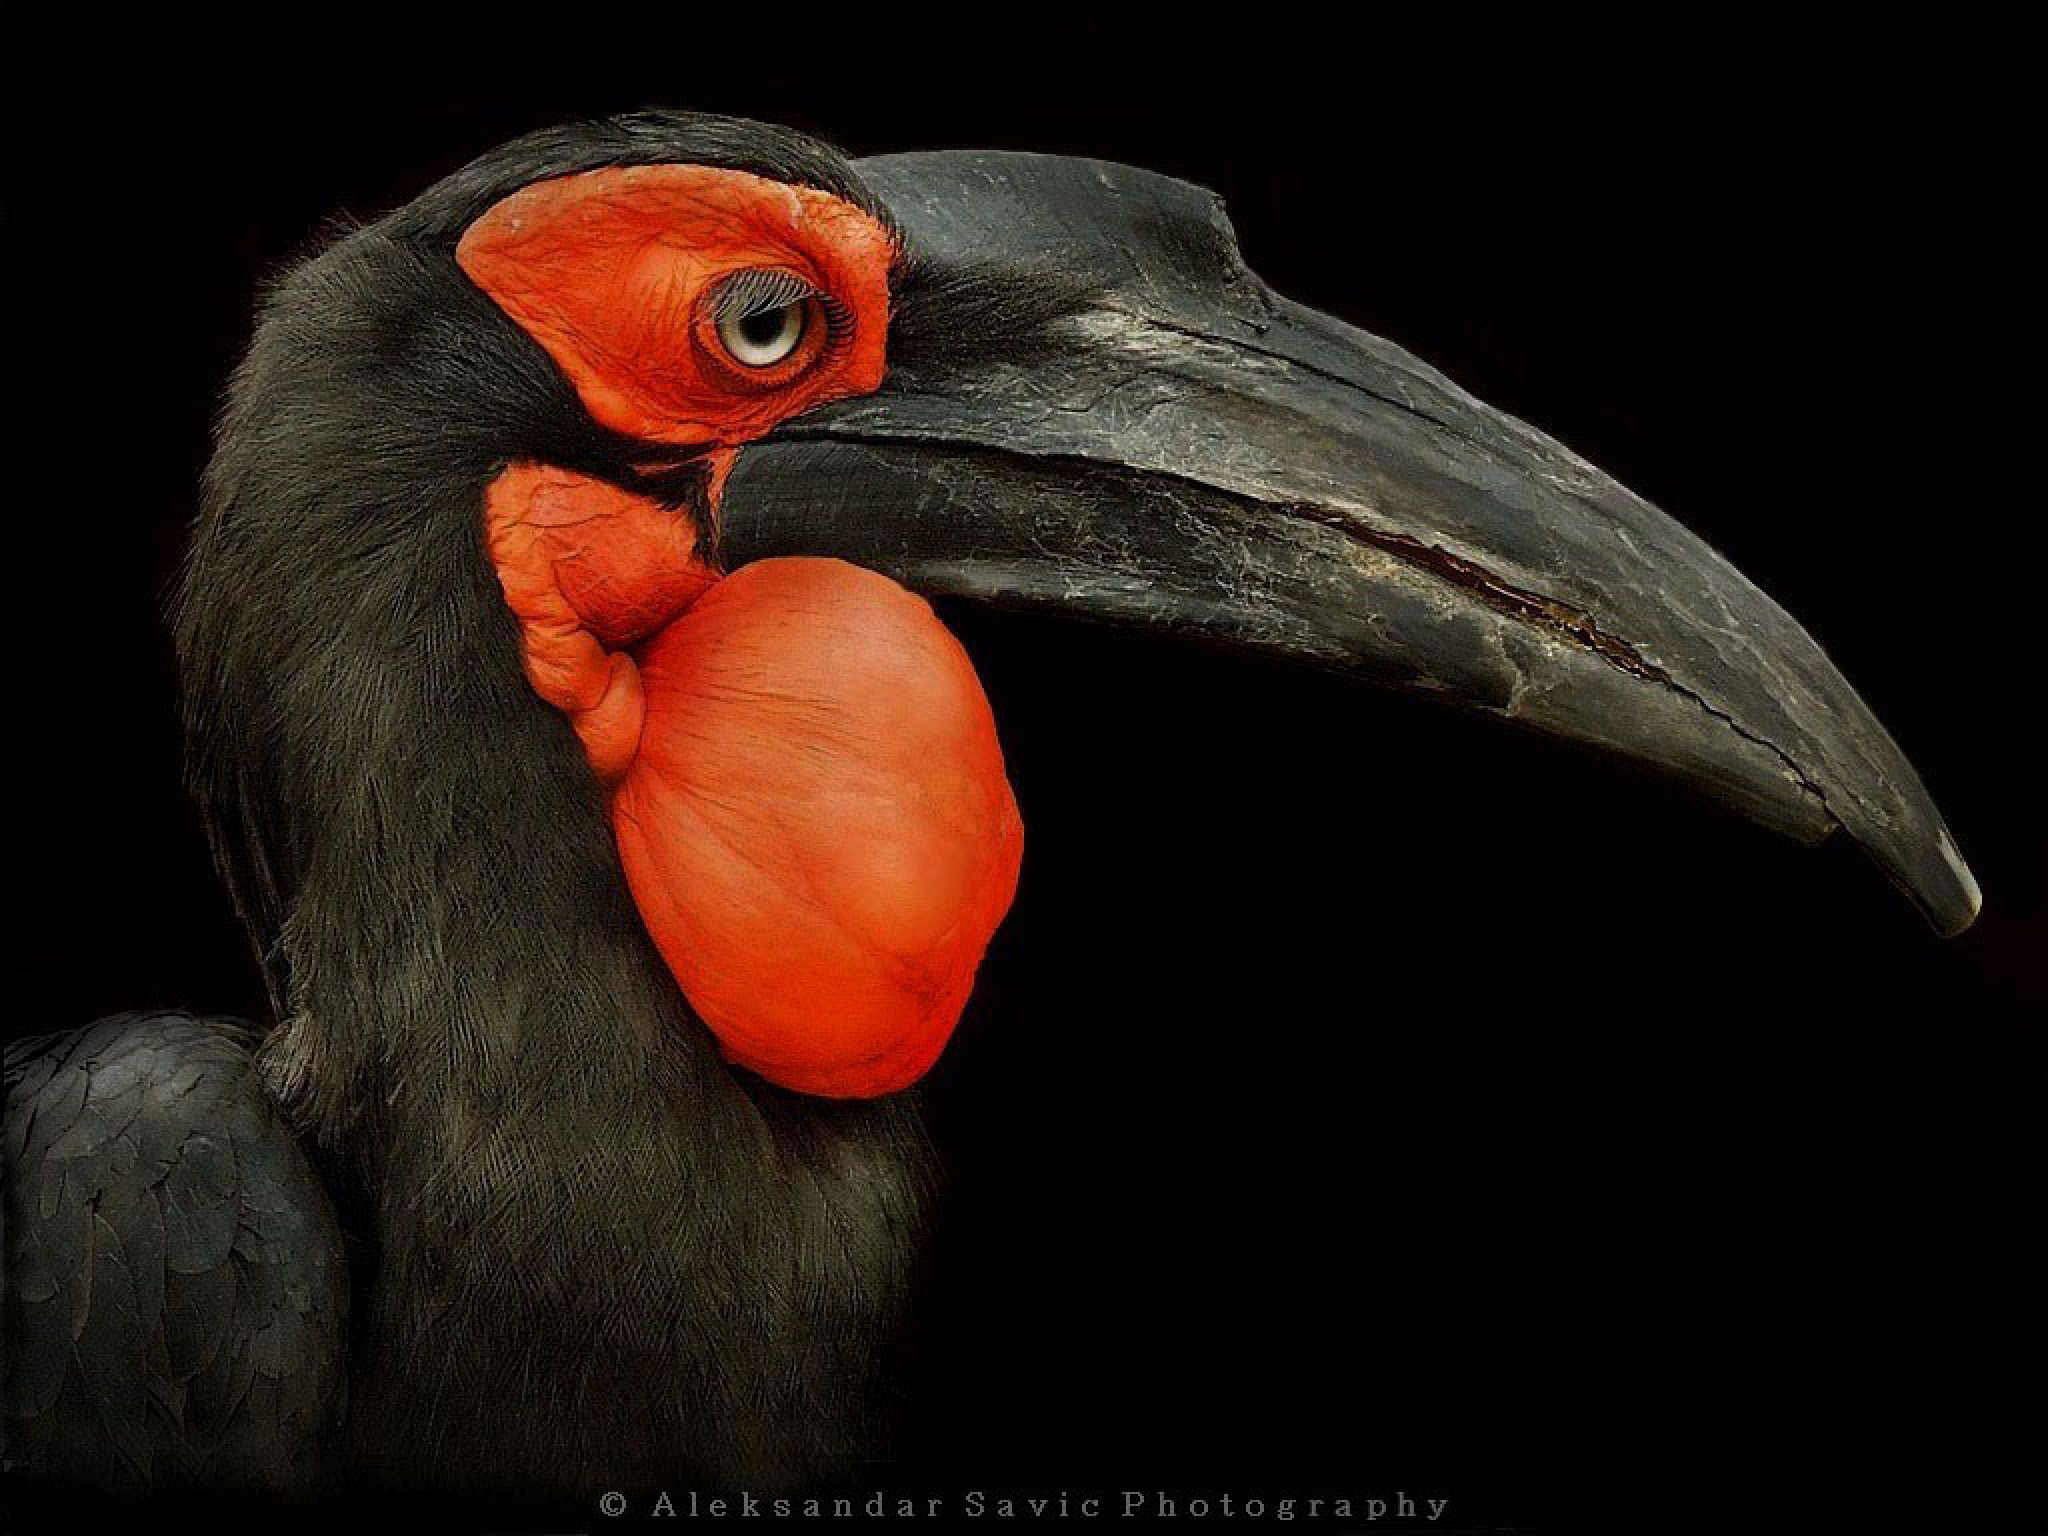 Southern Ground Hornbill by Aleksandar Savic